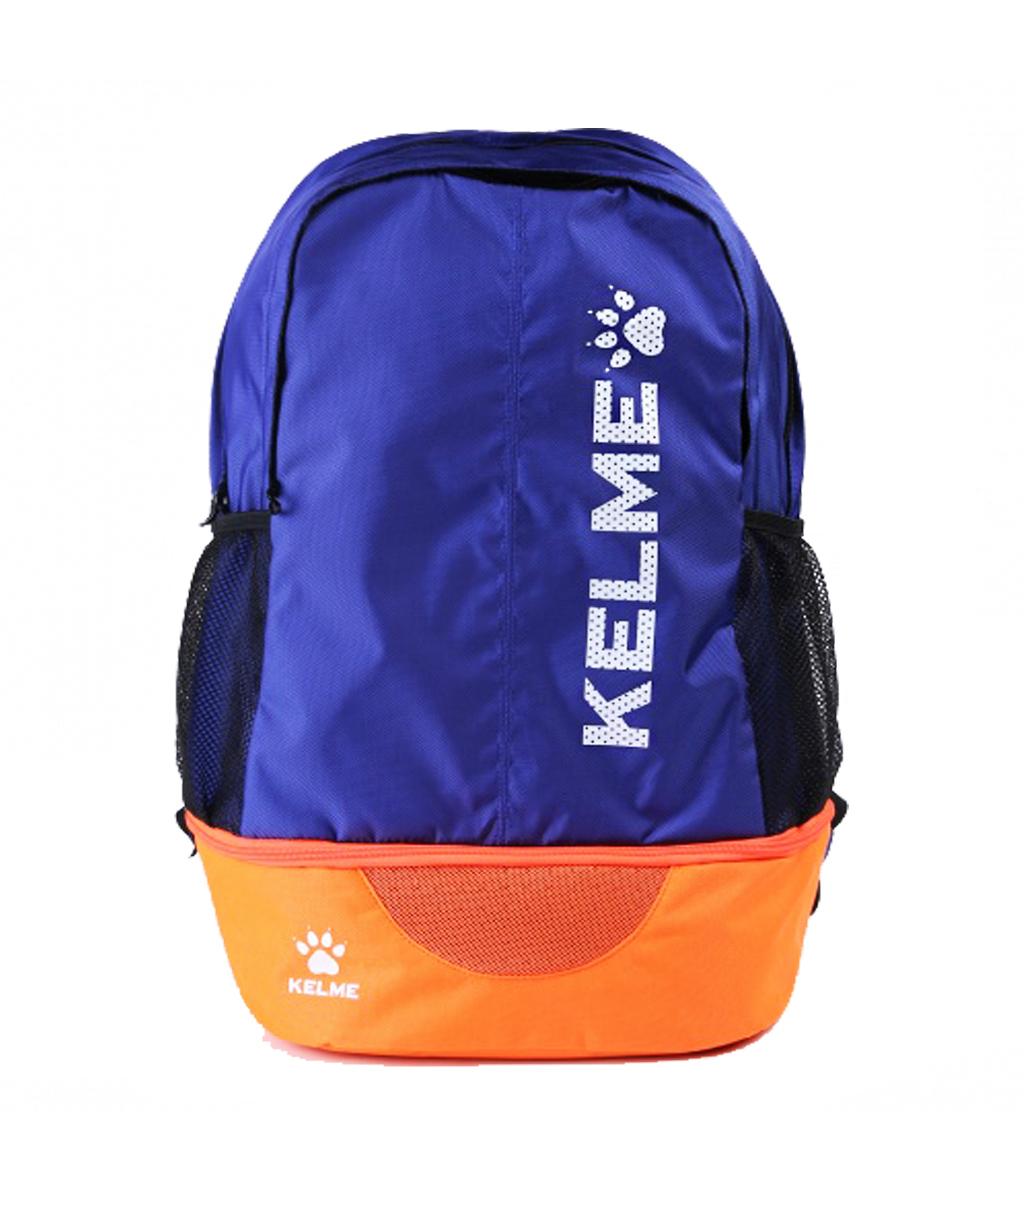 Купить синий рюкзак Kelme Backpack 9891020-439 в интернет-магазине